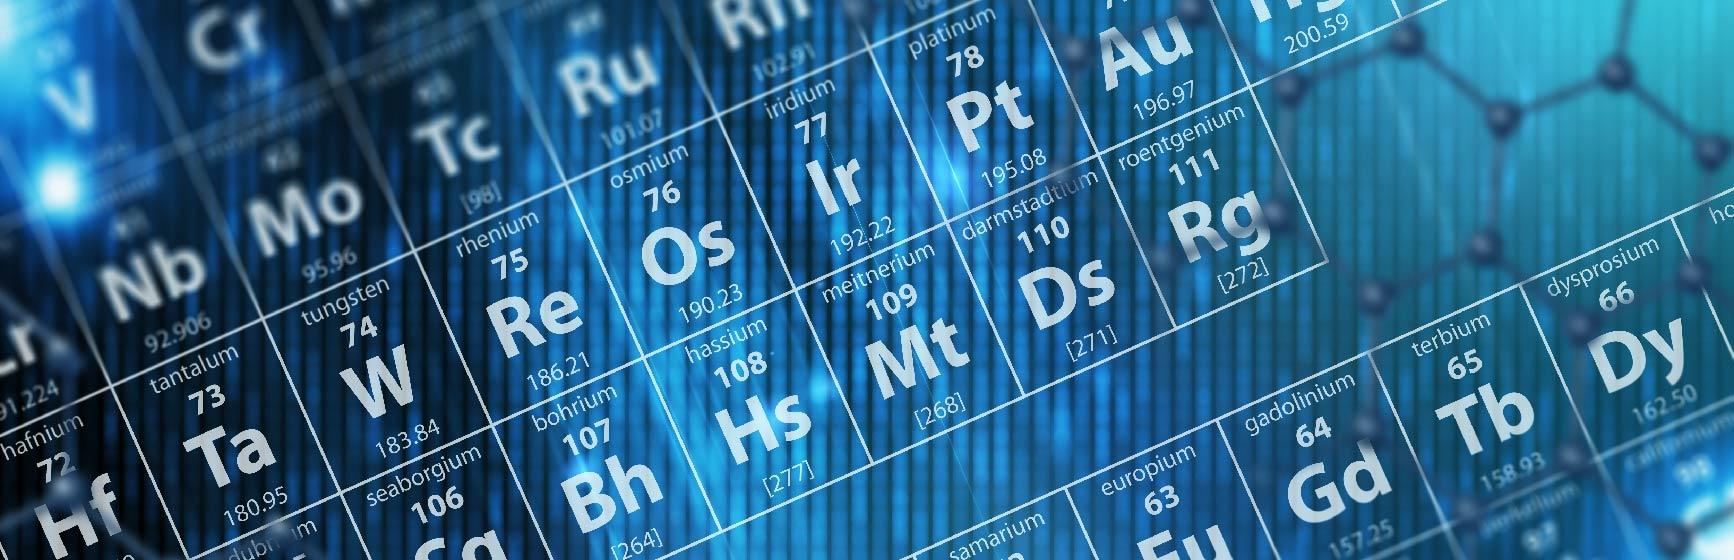 Toxic Metals and Elements Panels - DiagnosTechs, Inc